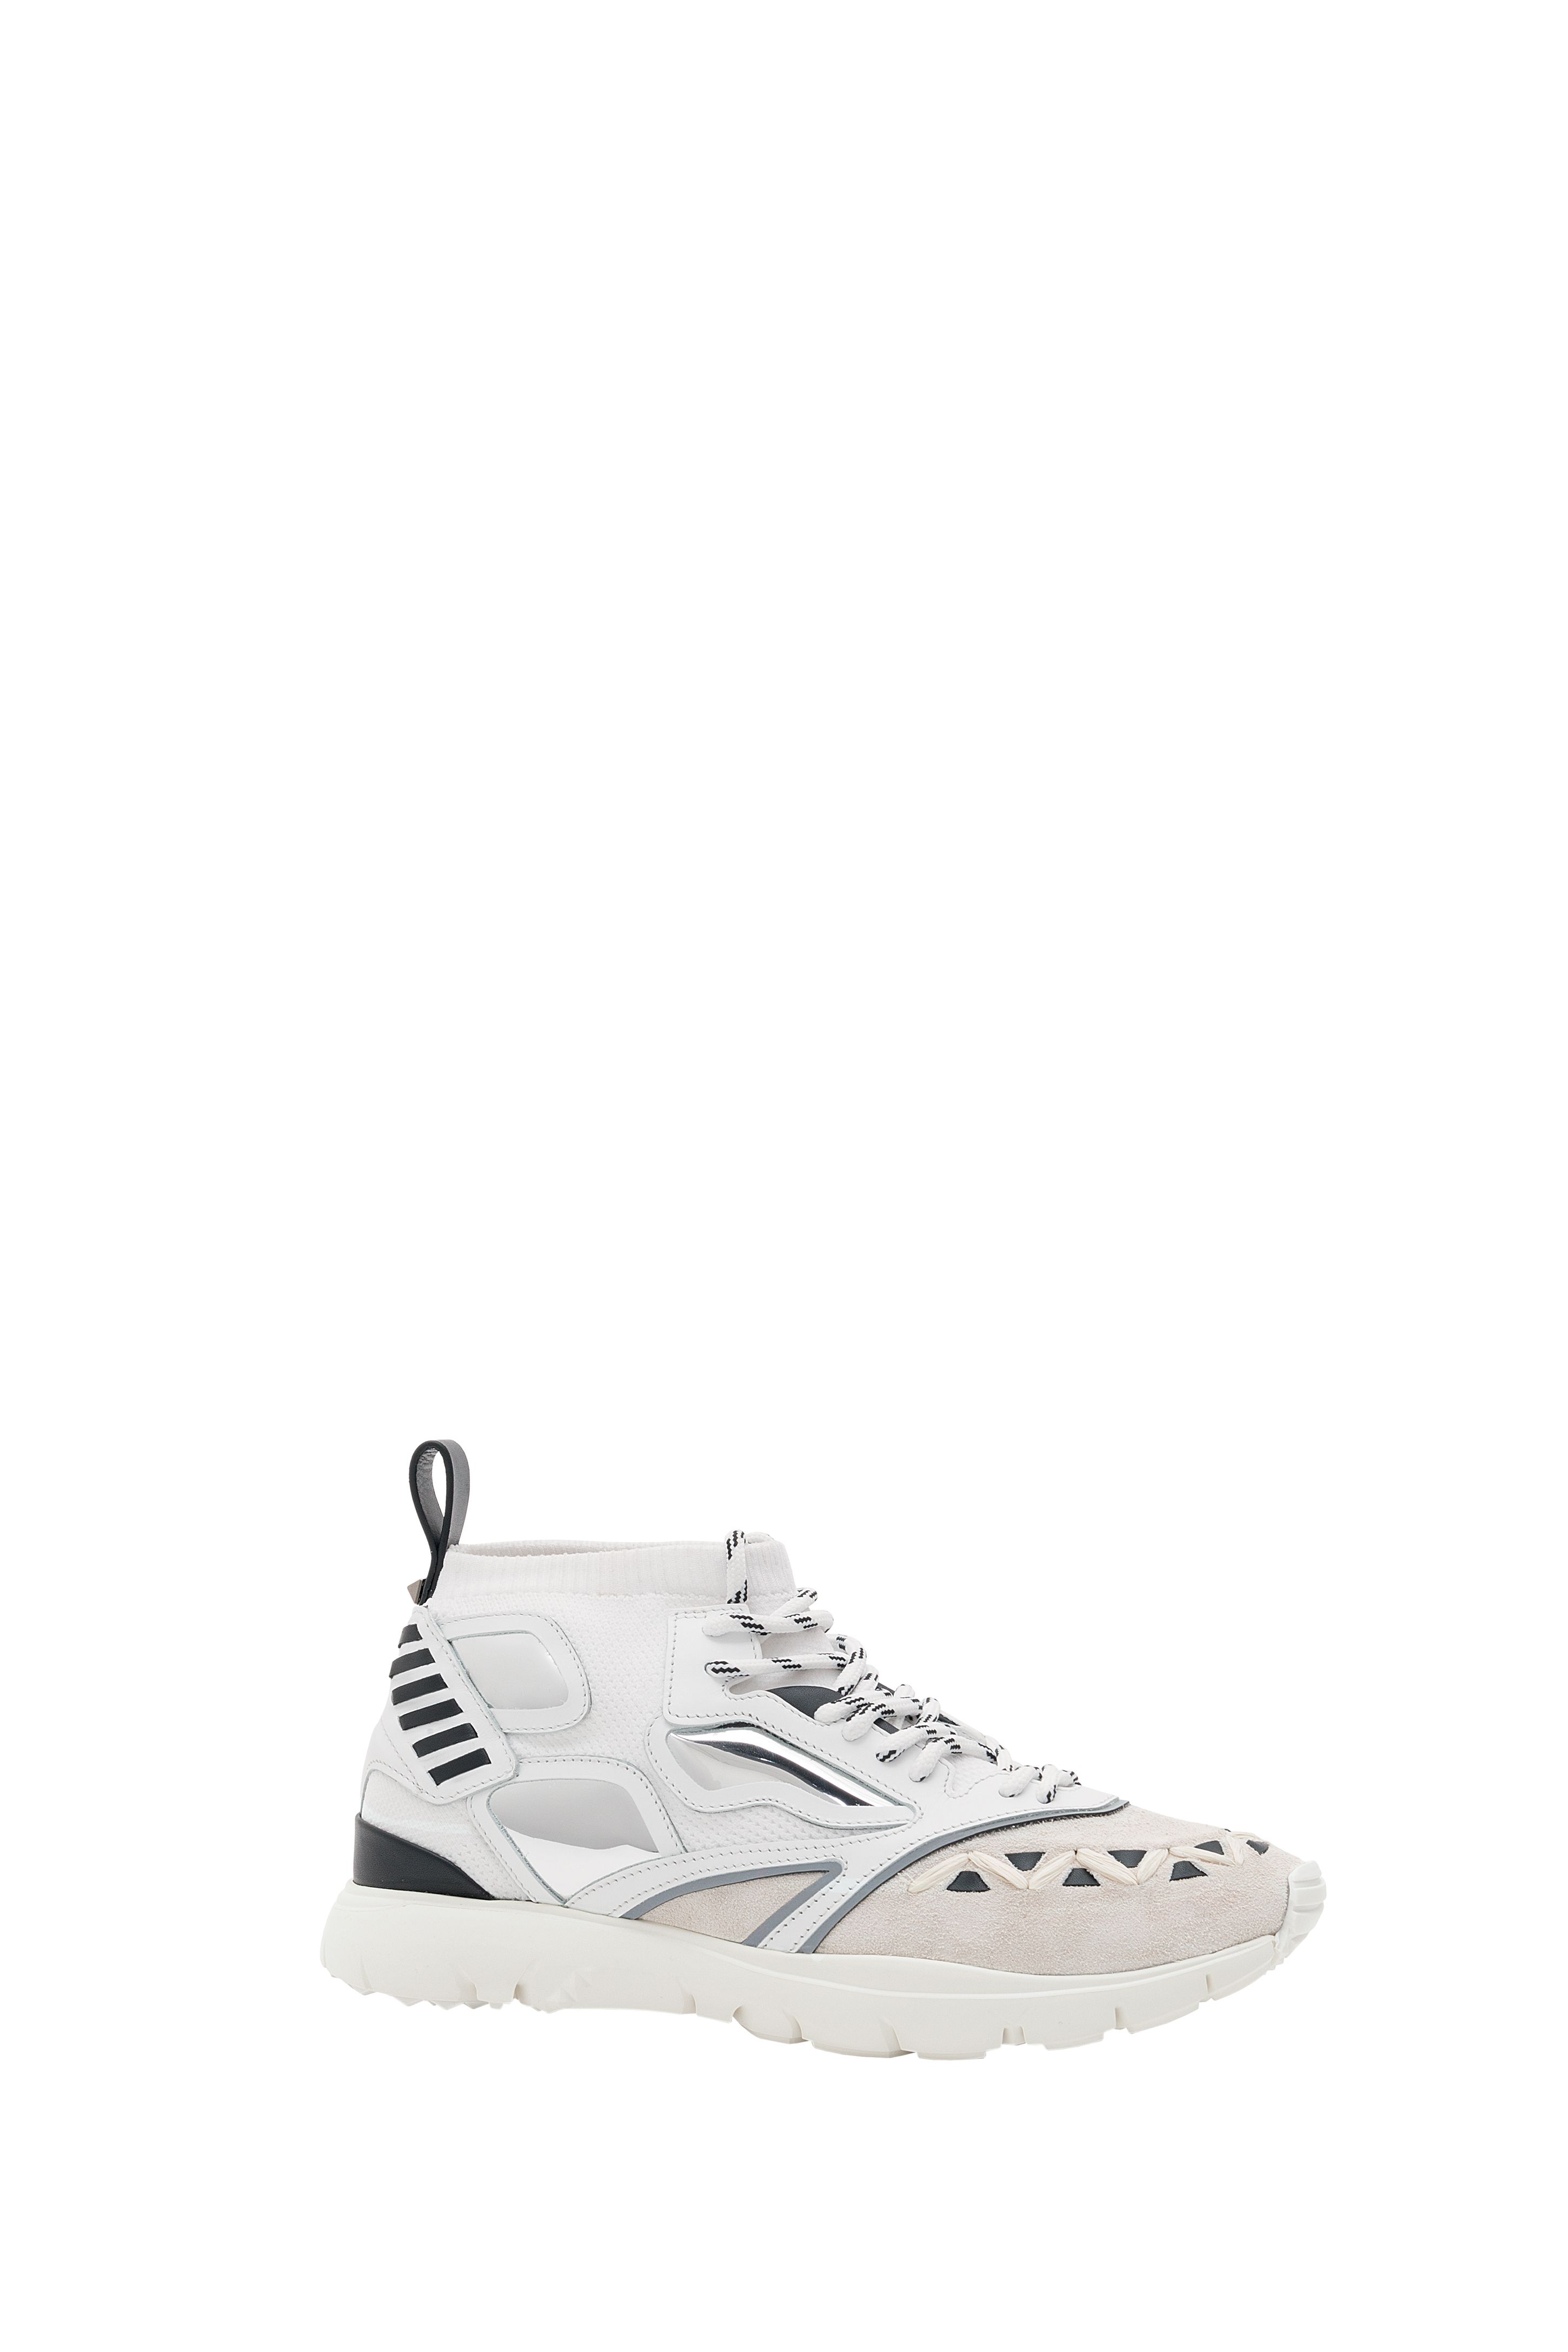 25 sneakers da avere nell'armadio questa primavera